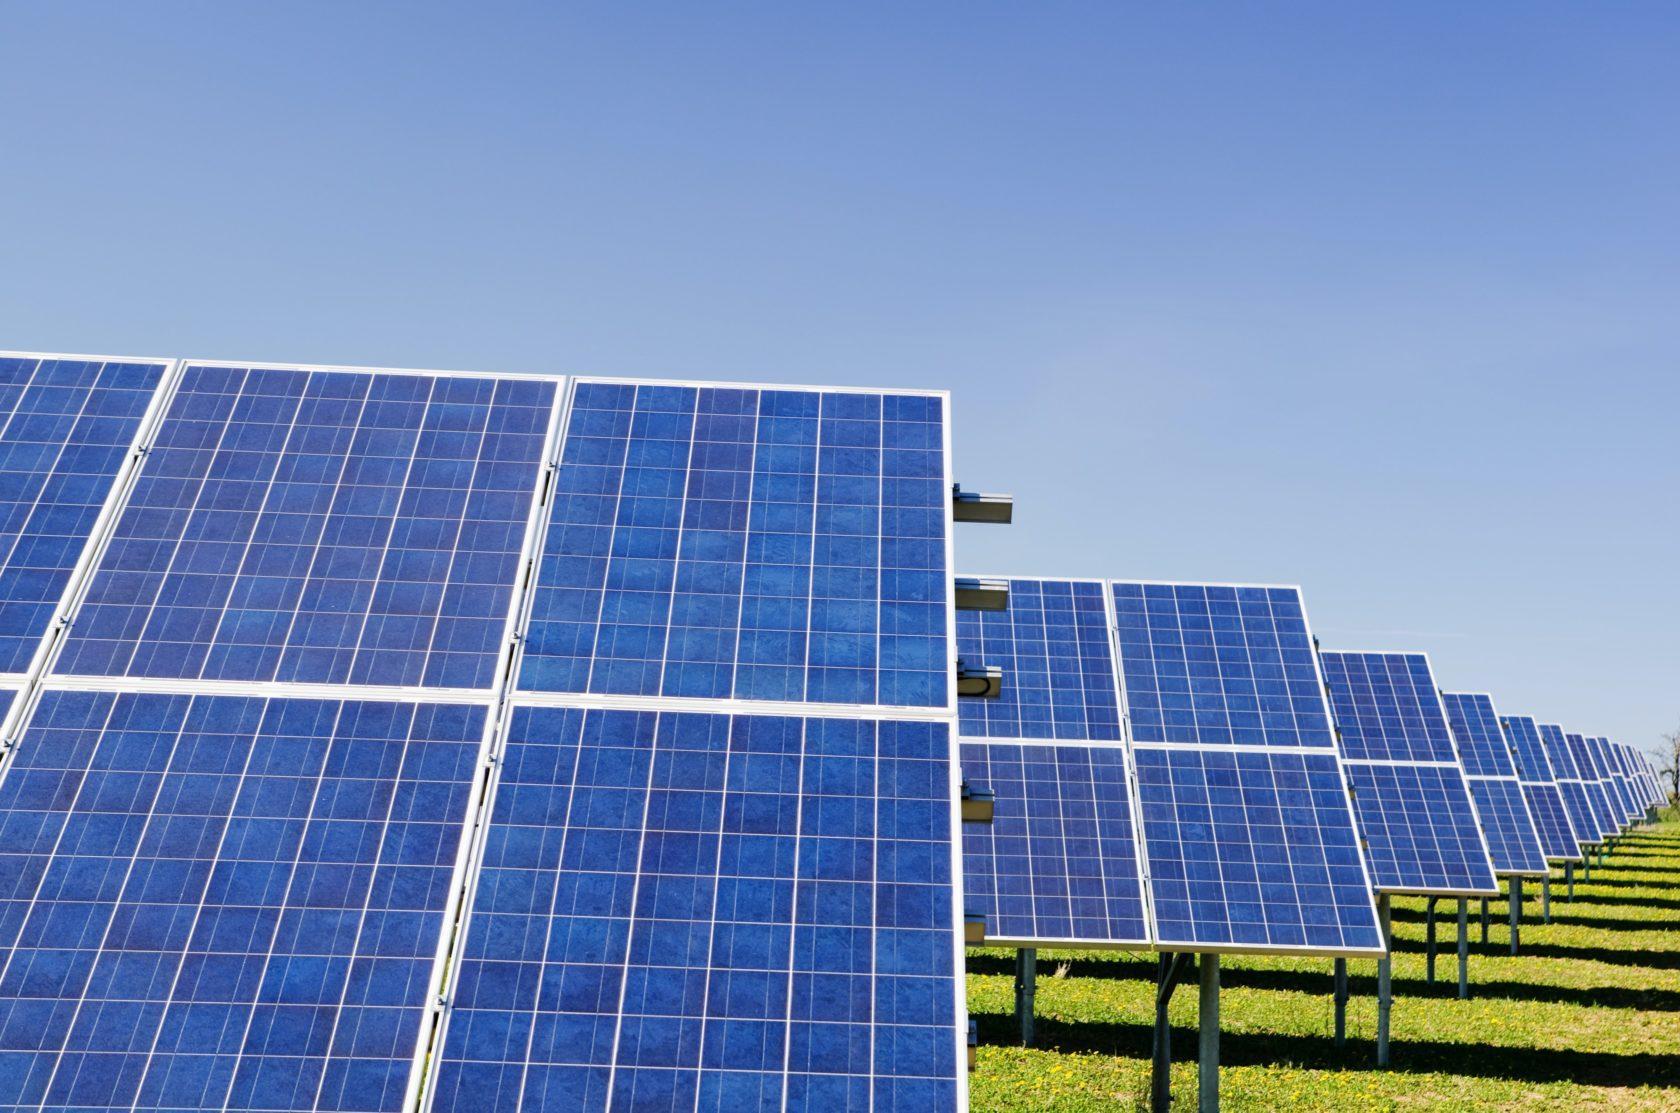 Wallbox schließt sich mit Iberdrola zusammen, um sein neues Werk und die Büroräume in Barcelona zu 100 % mit Strom aus erneuerbaren Quellen zu versorgen